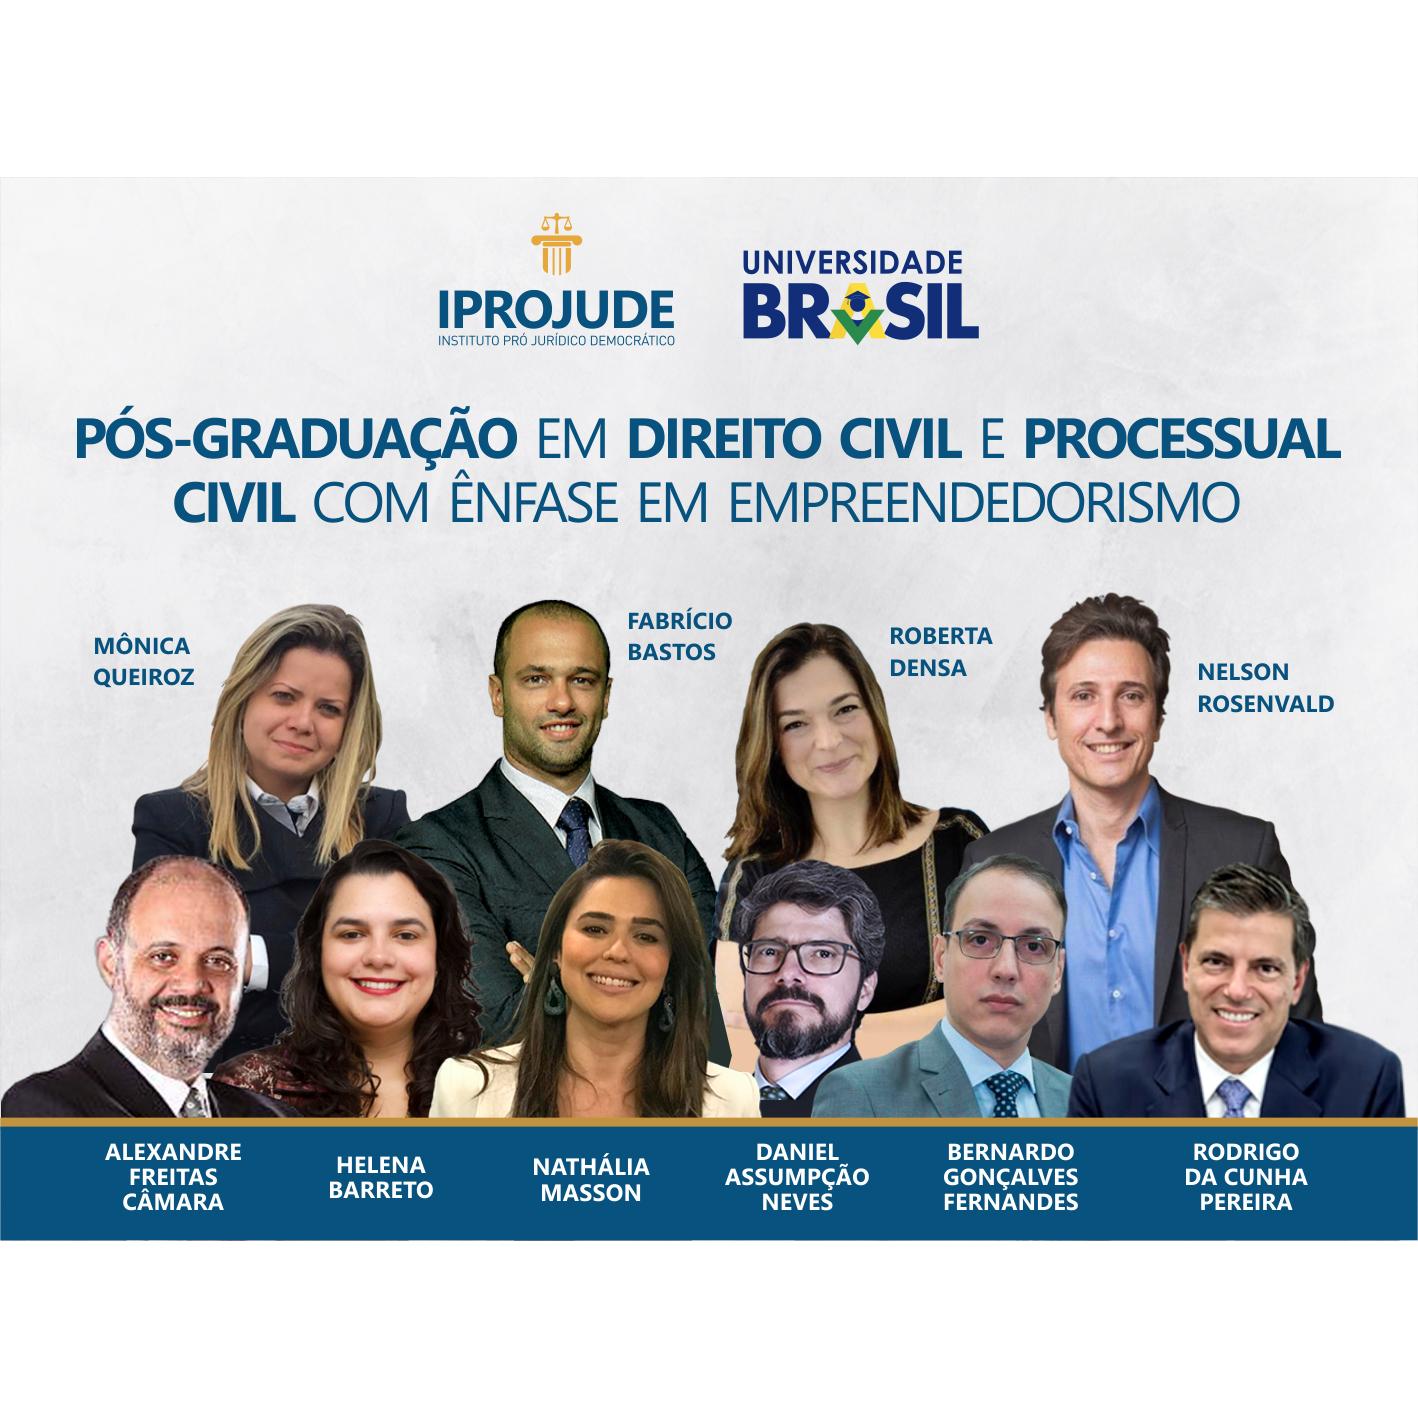 Pós-Graduação em Direito Civil e Processual Civil com ênfase em Empreendedorismo Jurídico - IPROJUDE